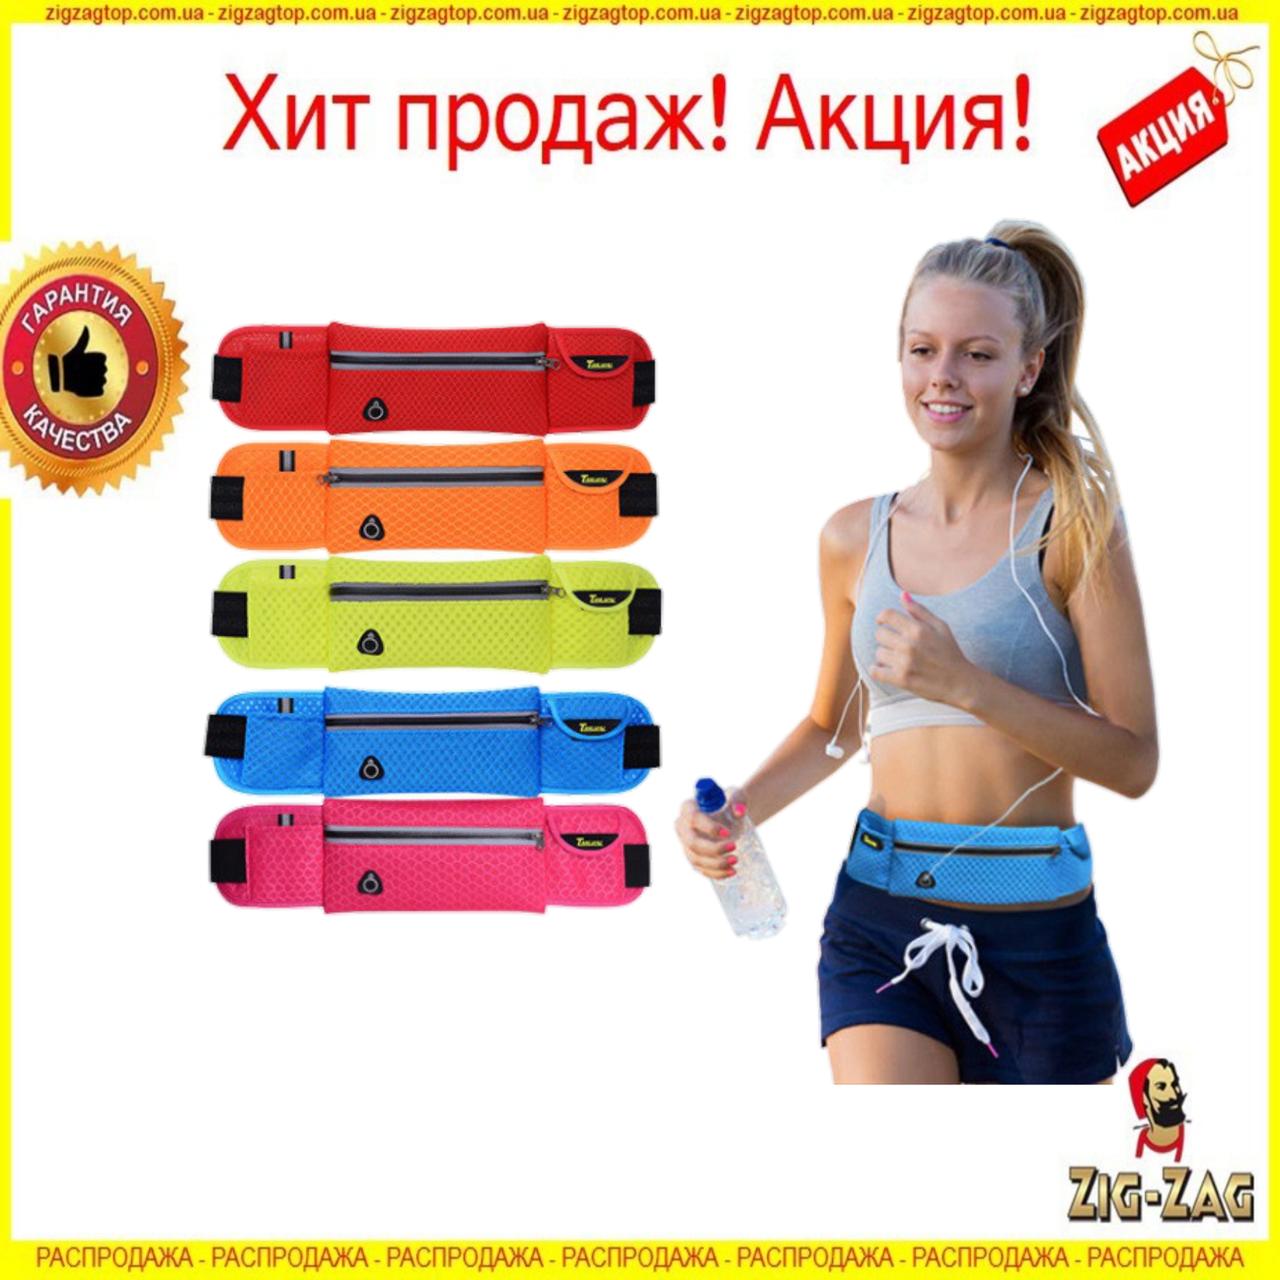 Сумка - пояс Tanluhu чехол для бега, спорта, велосипеда, фитнеса, на пояс для мужчин и женщин 100% КАЧЕСТВО